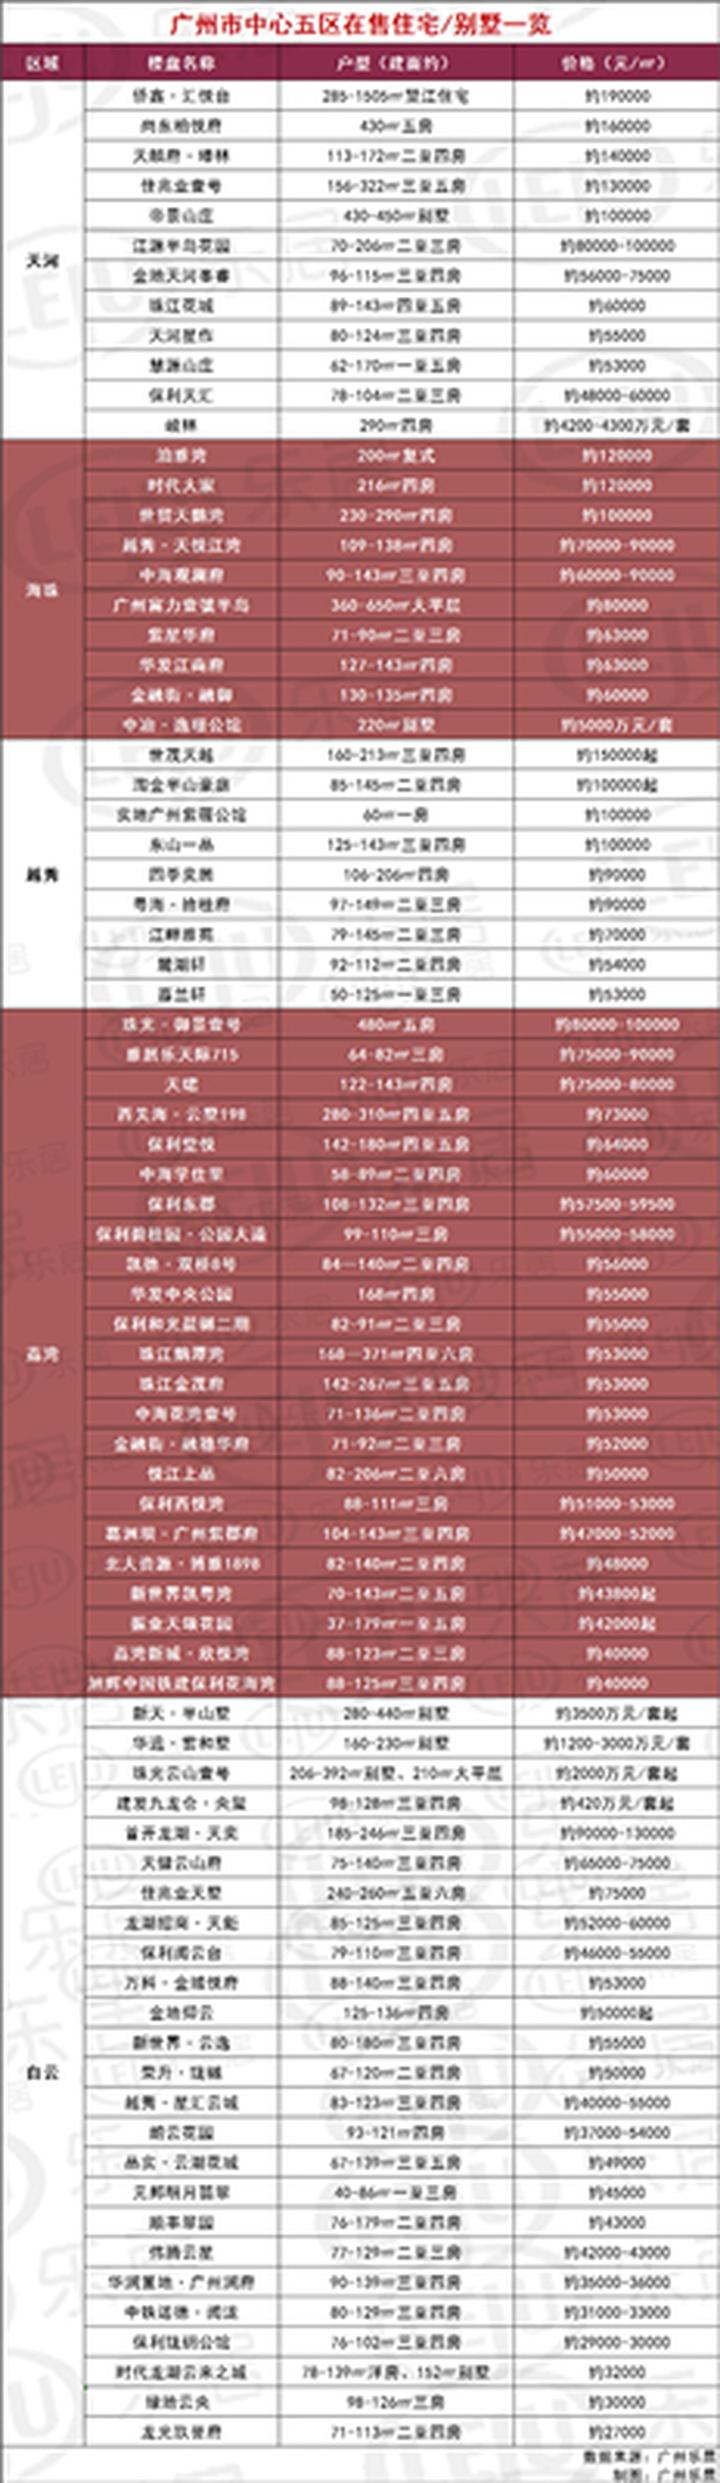 2021春节网签创近7年新高!广州79个新盘房价曝光